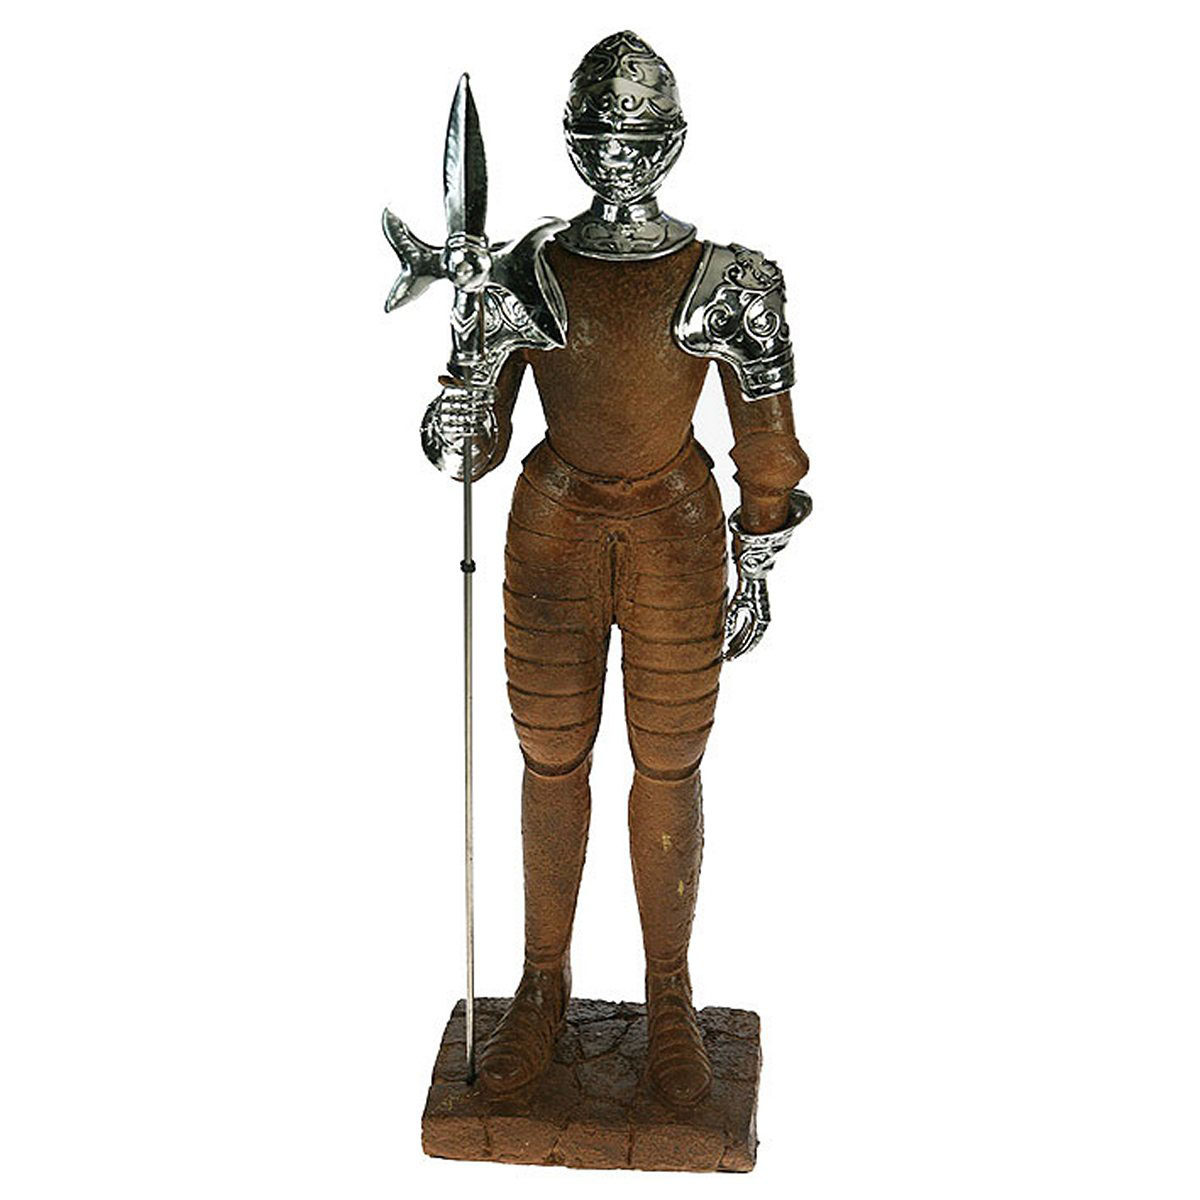 Статуэтка Русские Подарки Рыцарь, 18 х 12 х 54 см статуэтки русские подарки статуэтка мисс нежность